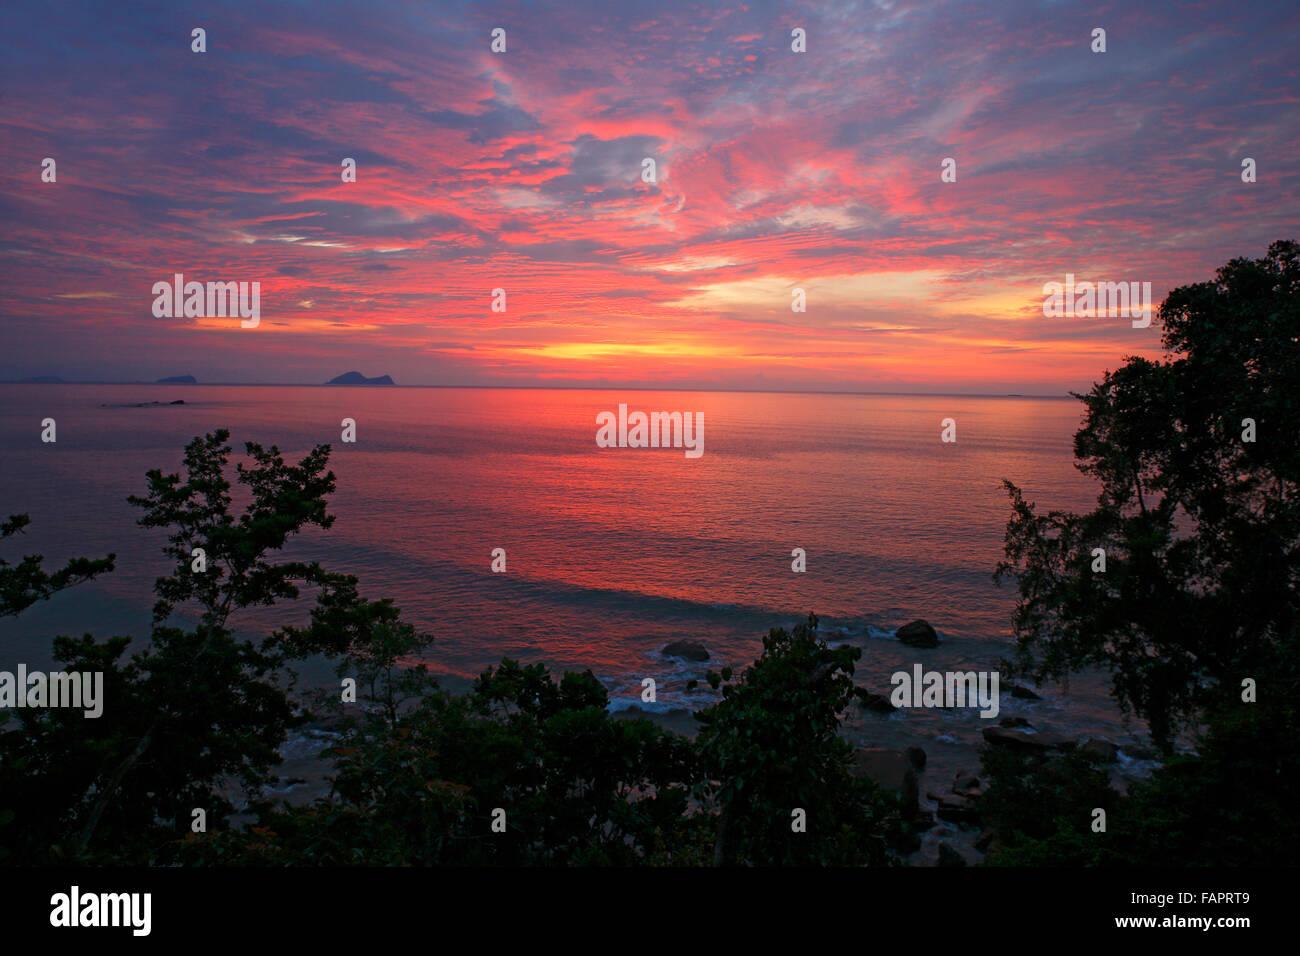 Sunset over the South China Sea, coast at Permai Rainforest, Sarawak, Borneo, Malaysia, Asia Stock Photo